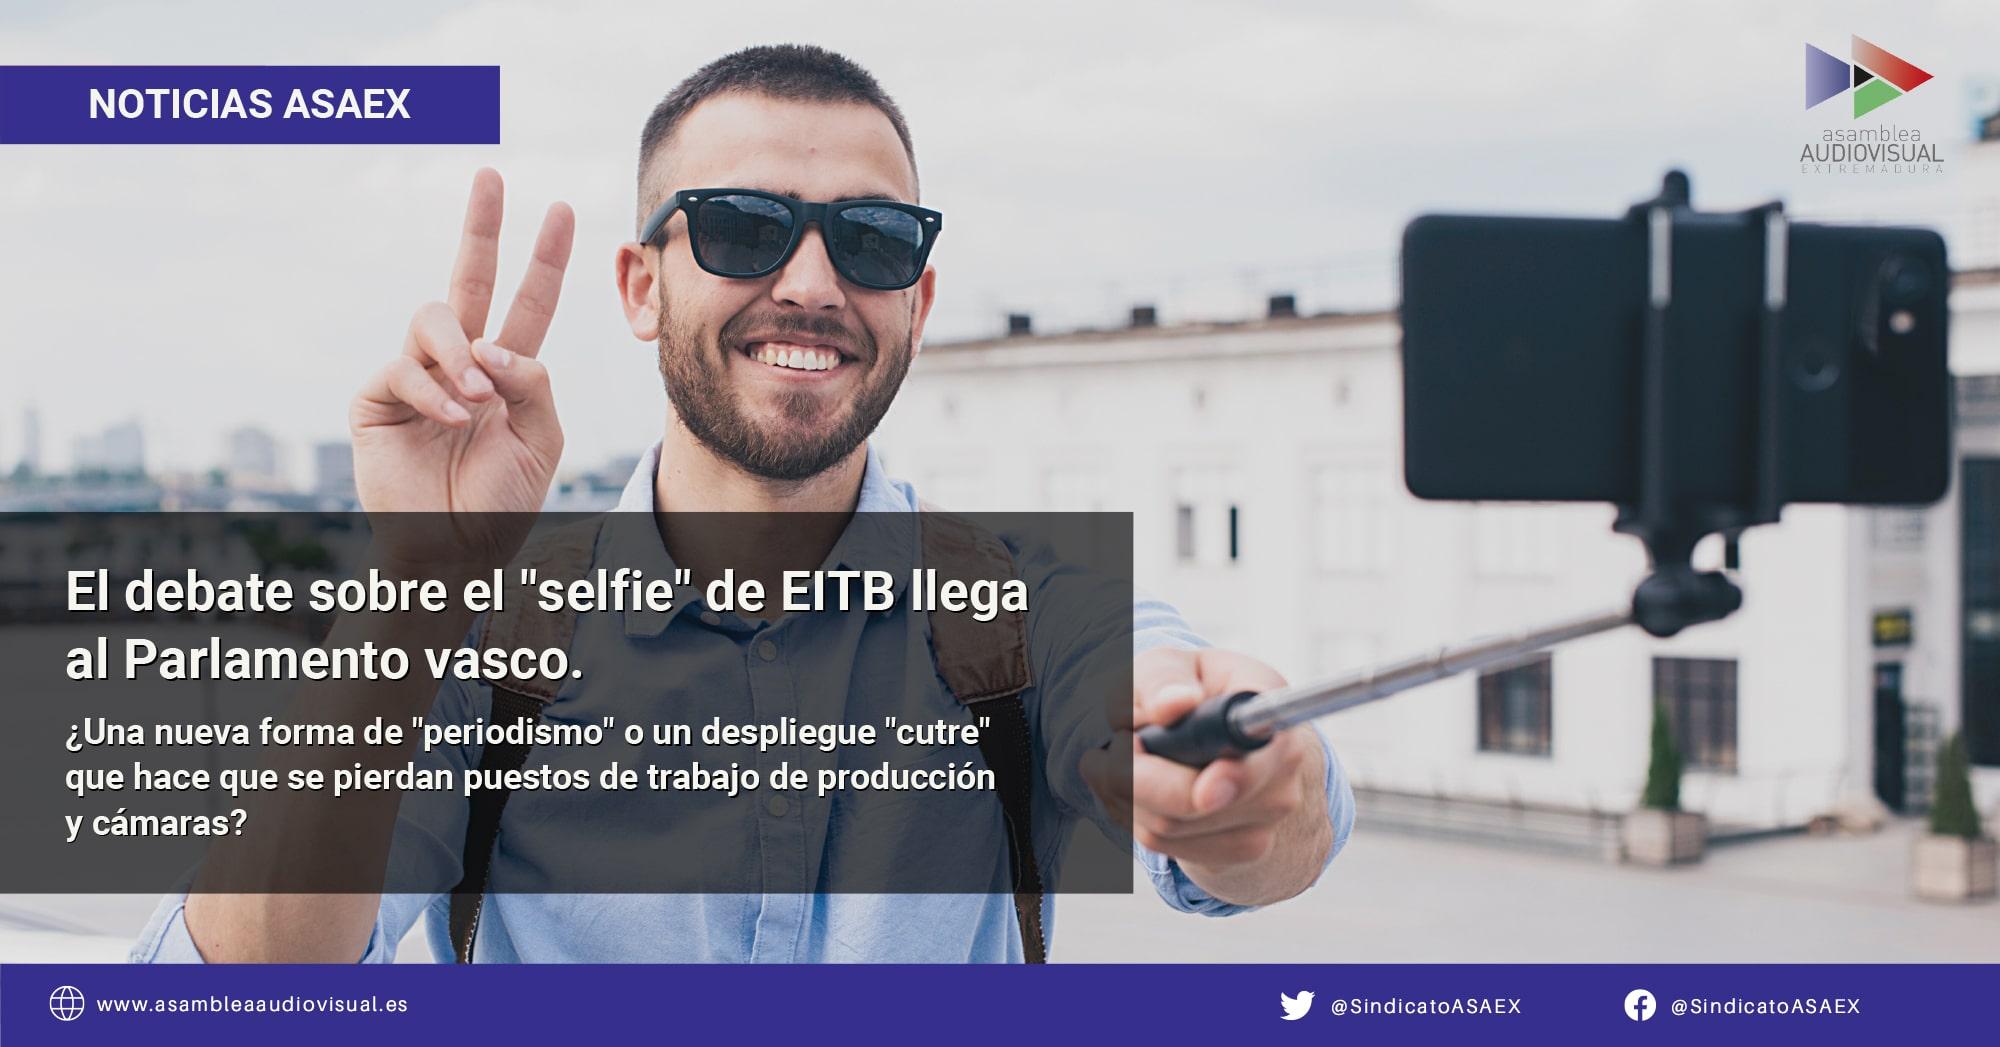 El debate sobre el selfie de EITB llega al Parlamento vasco